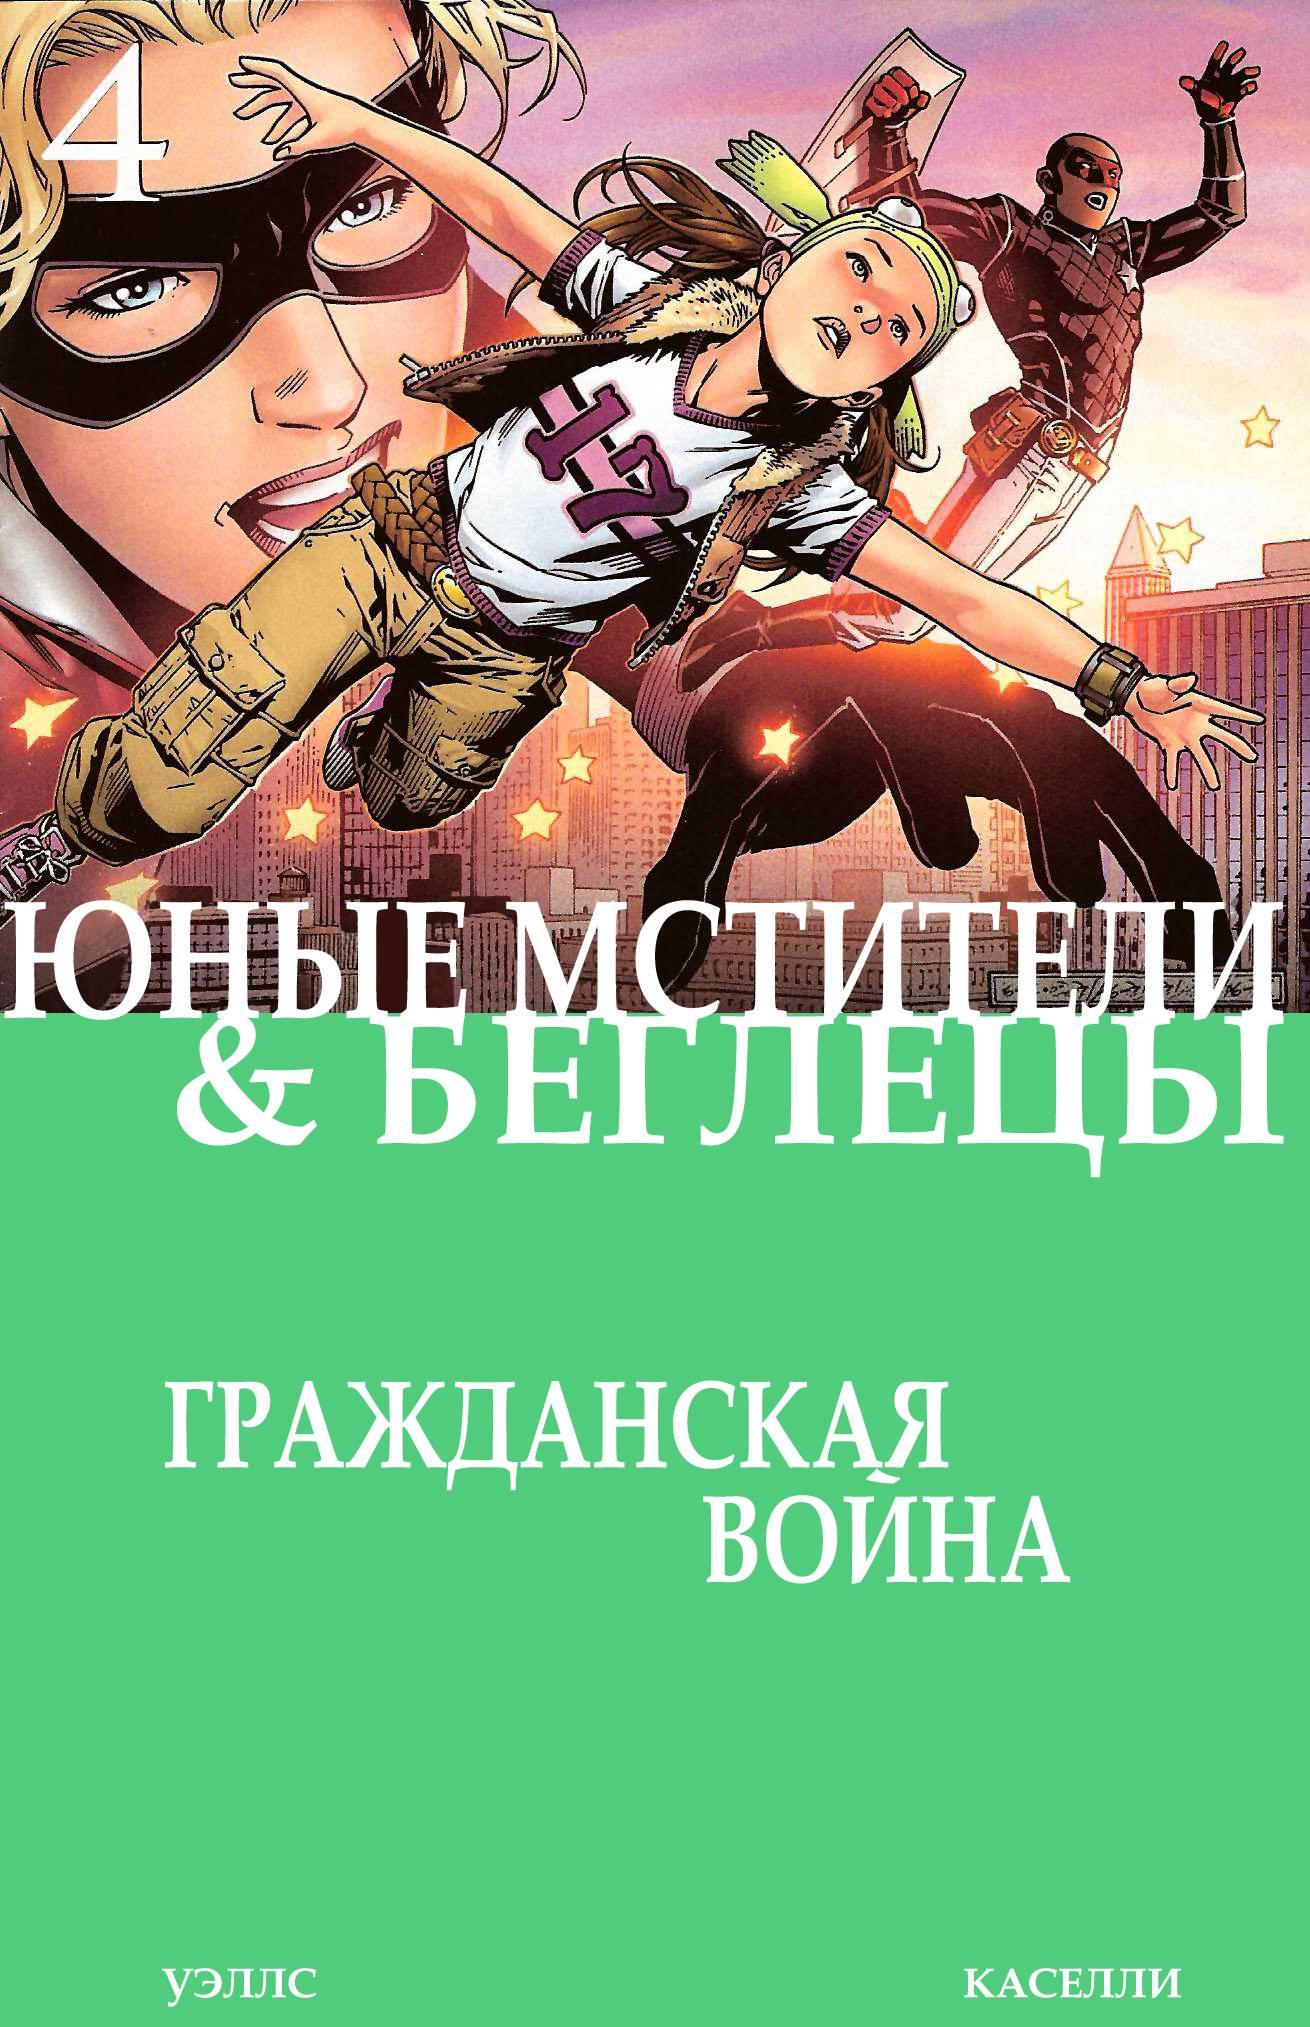 Гражданская Война: Юные Мстители и Беглецы №4 онлайн